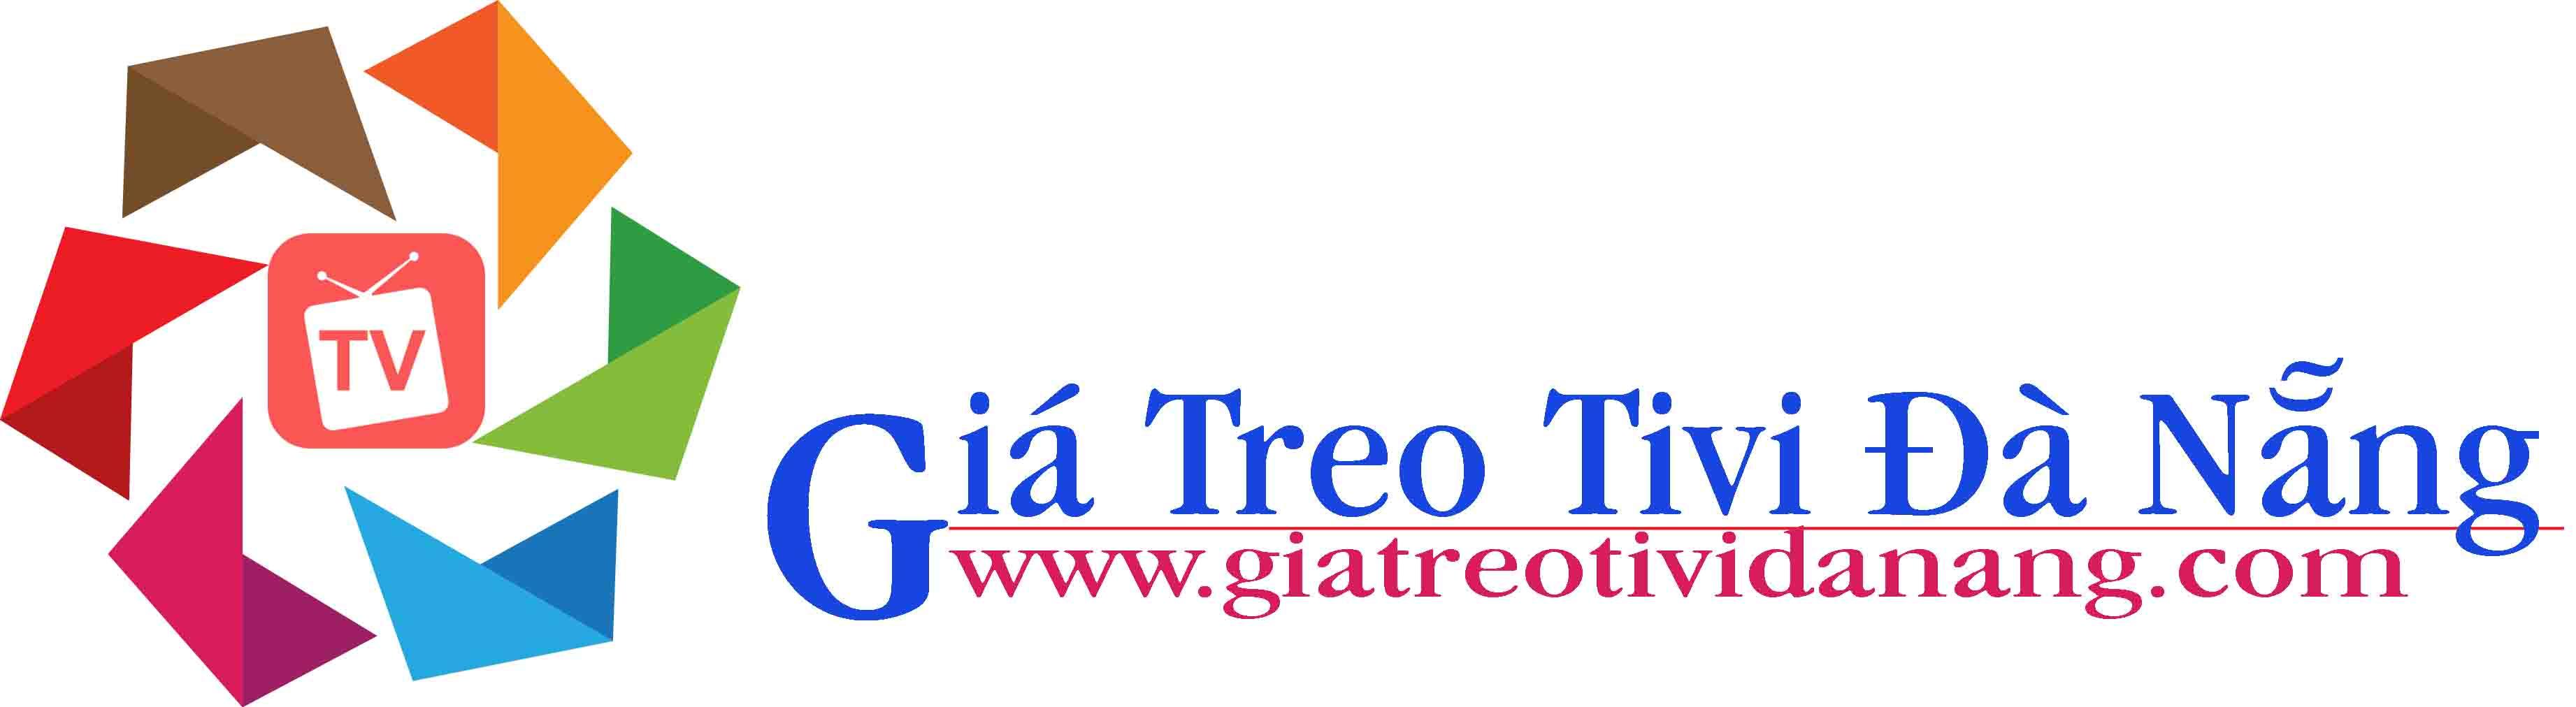 Cung cấp và lắp đặt giá treo tivi tại Đà Nẵng chất lượng